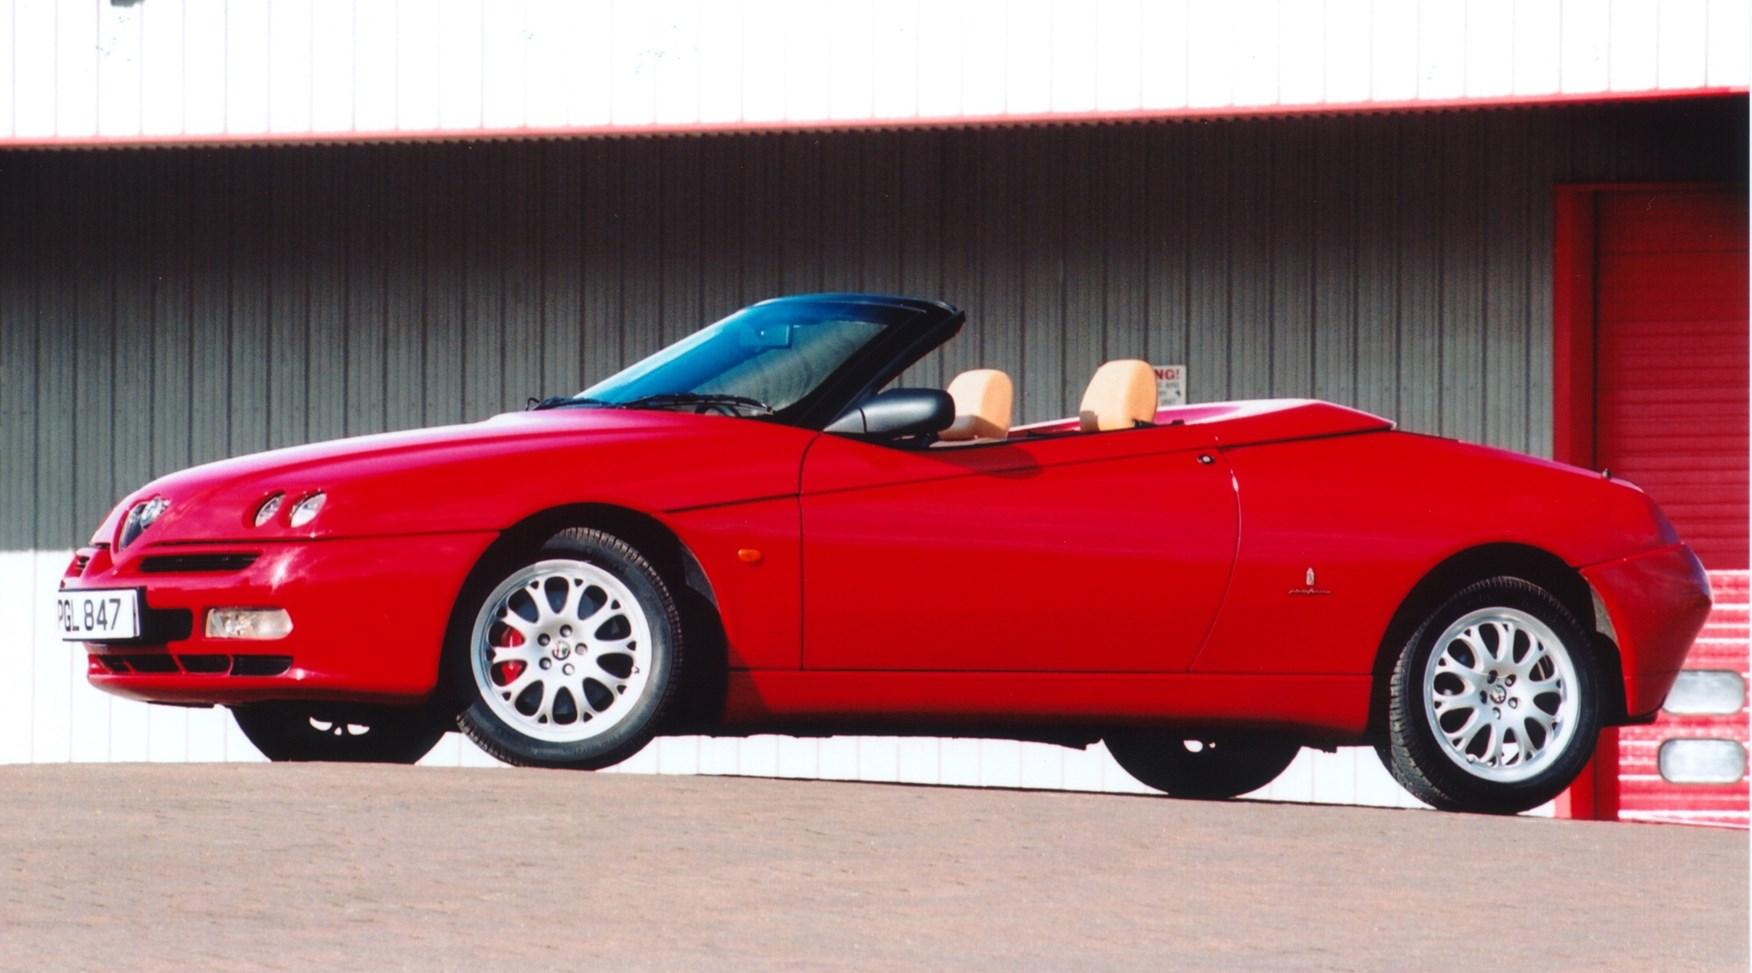 Alf Car Insurance